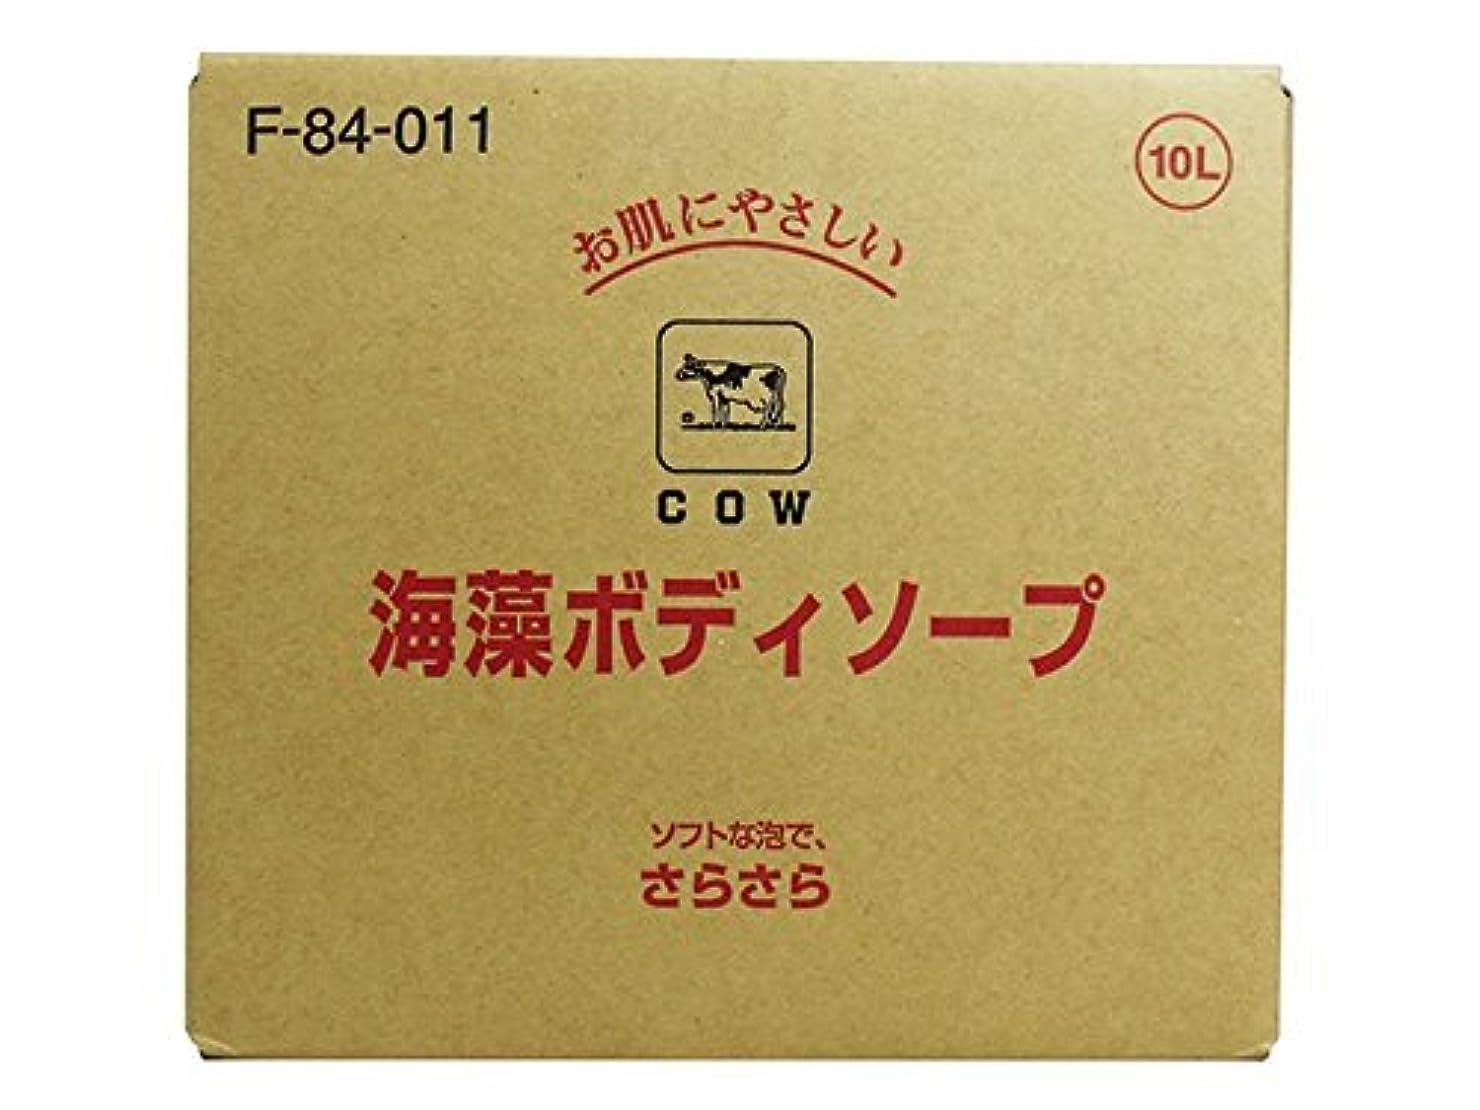 平らな気晴らしフォロー業務用ボディーソープ【牛乳ブランド 海藻ボディソープ 10L】